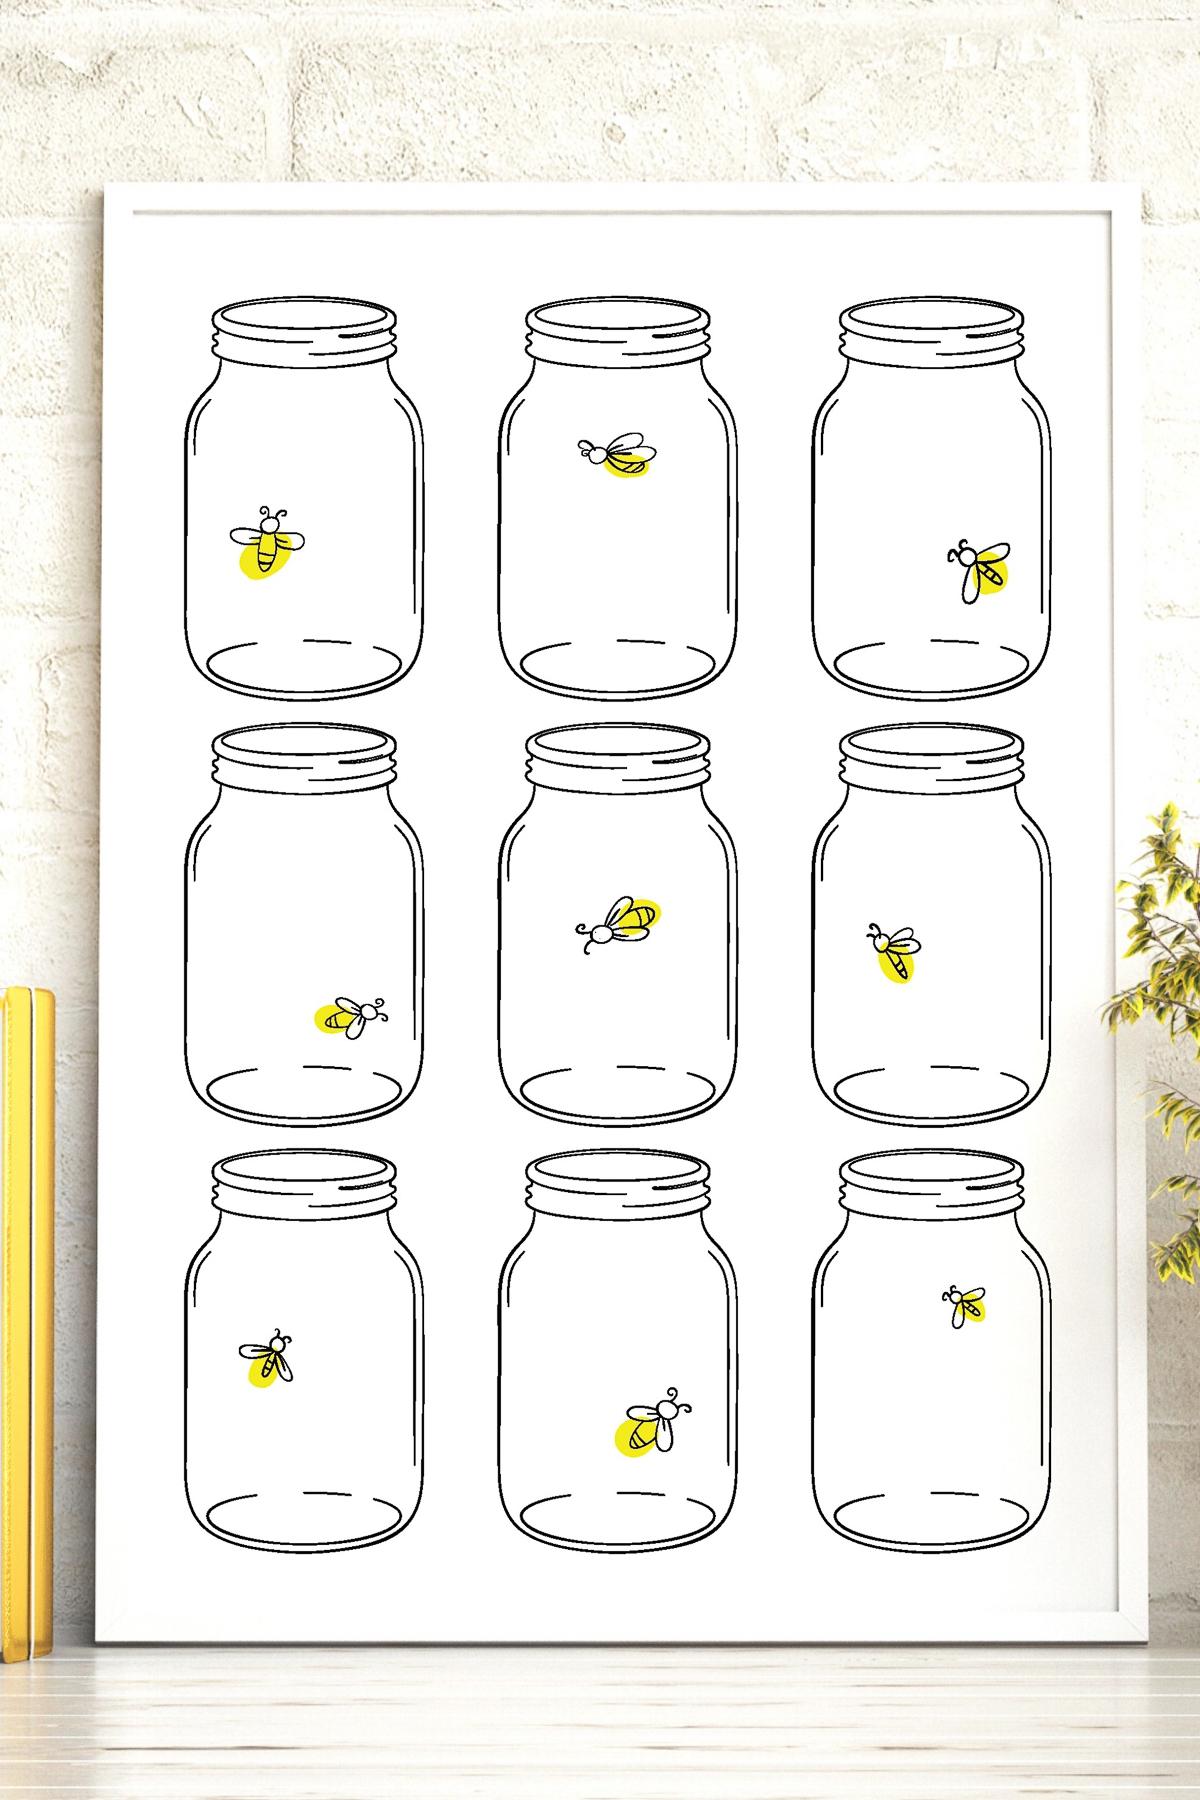 printable art with mason jars and fireflies